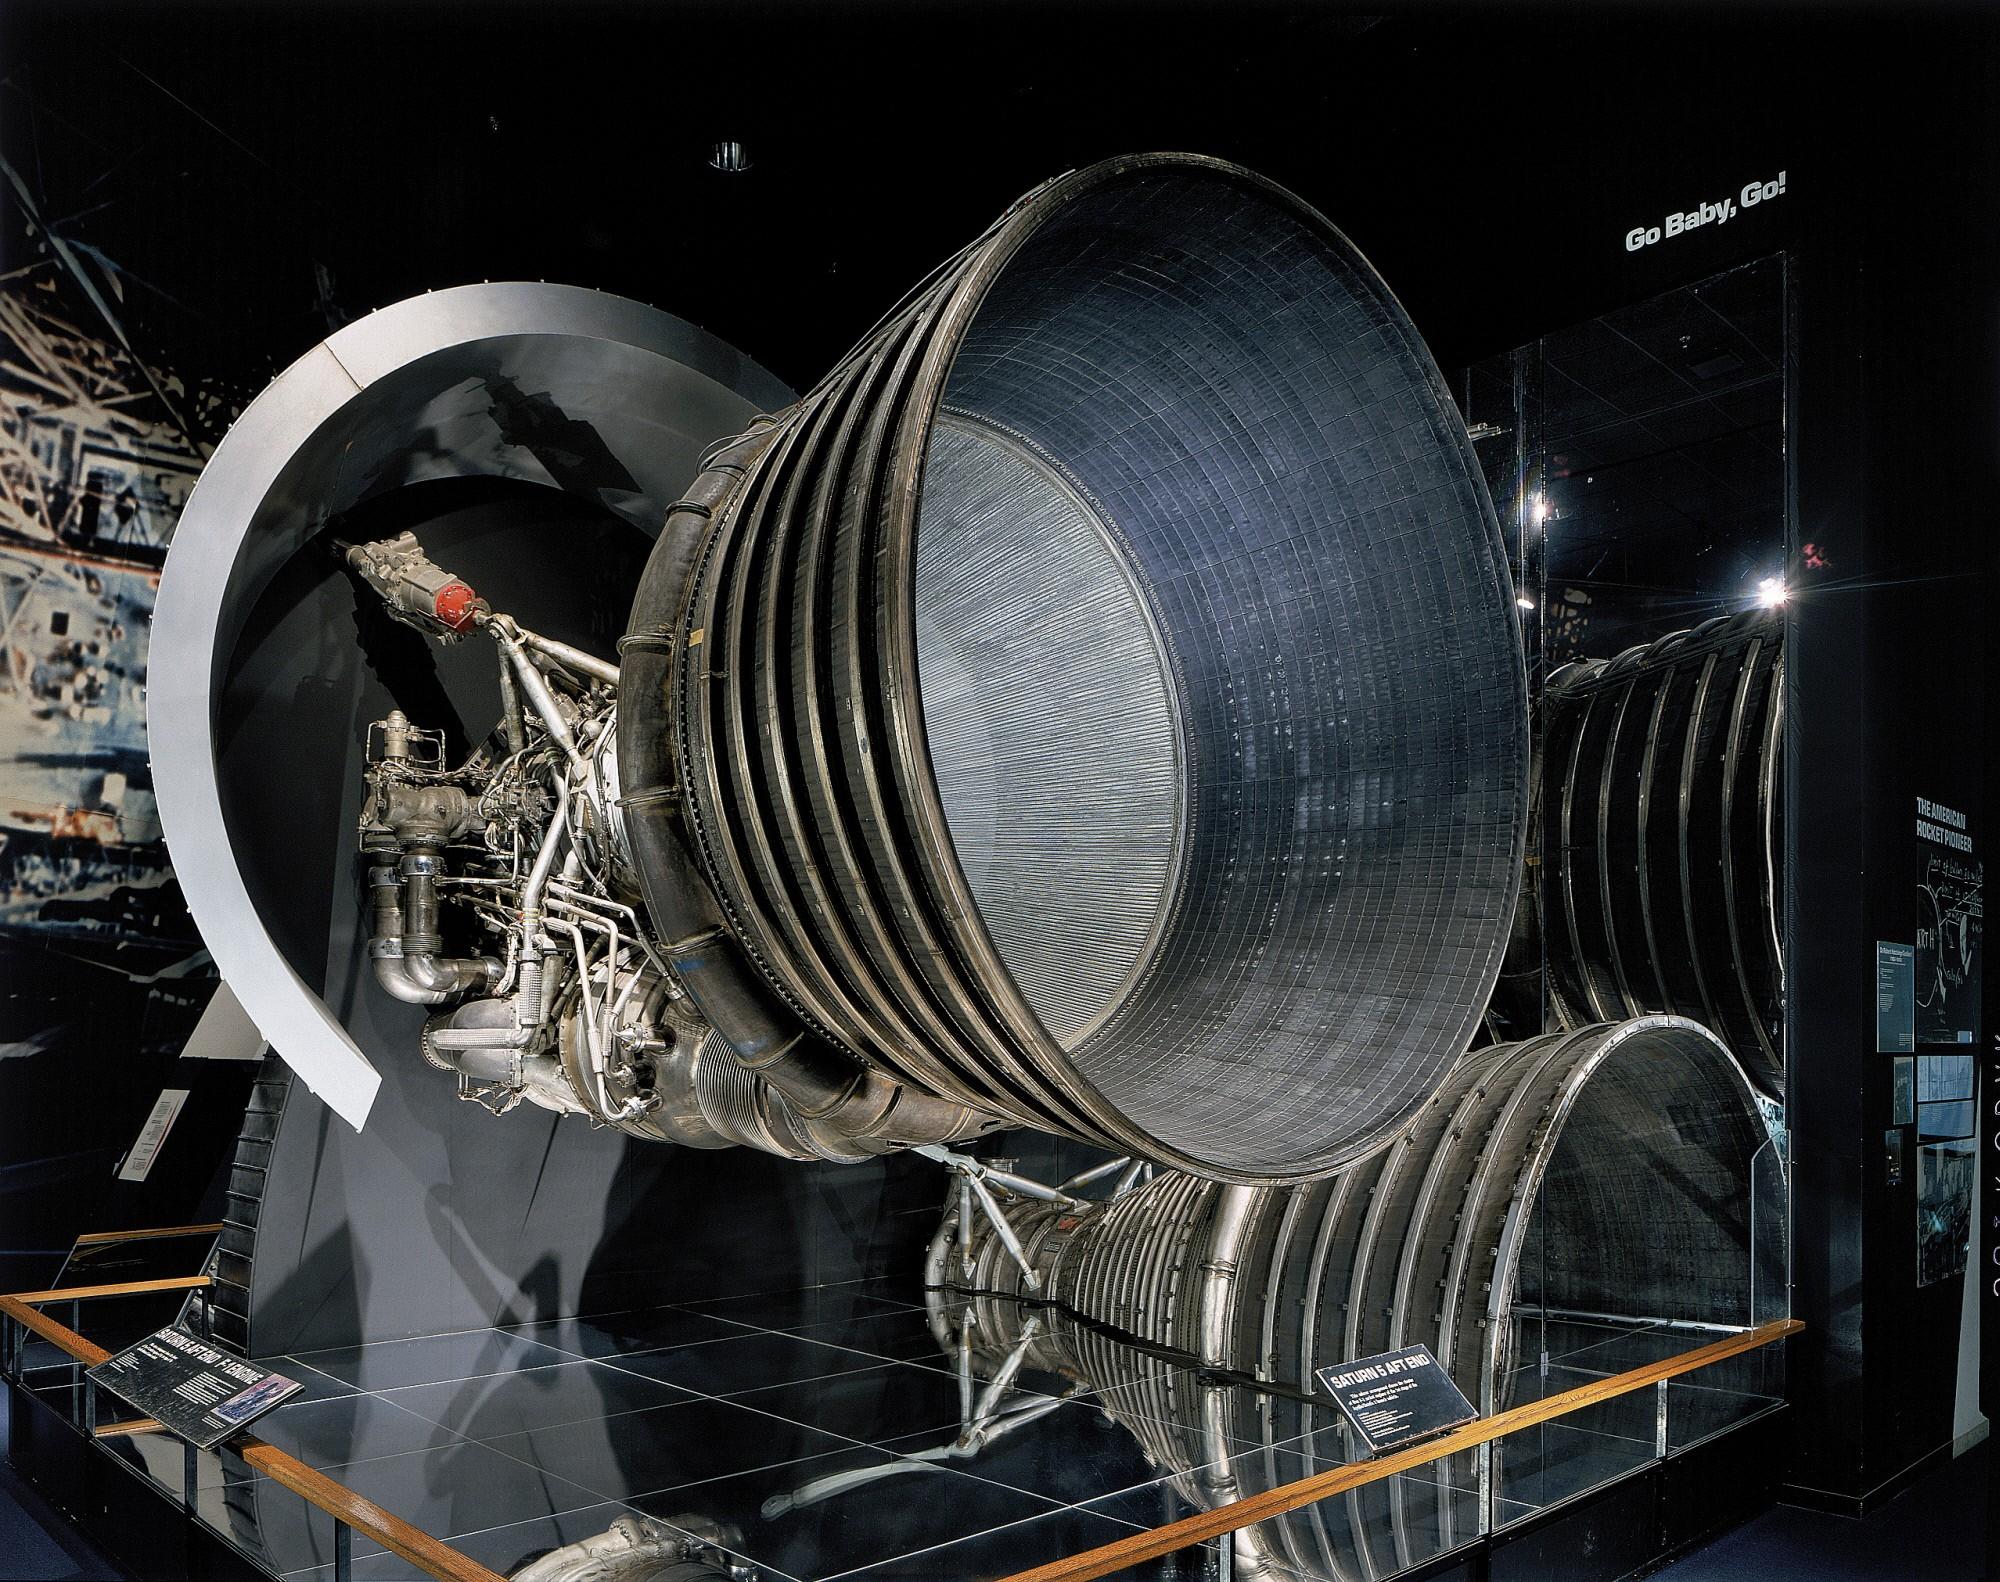 Model Rocket Engine Diagram F 1 Rocket Engine Of Model Rocket Engine Diagram